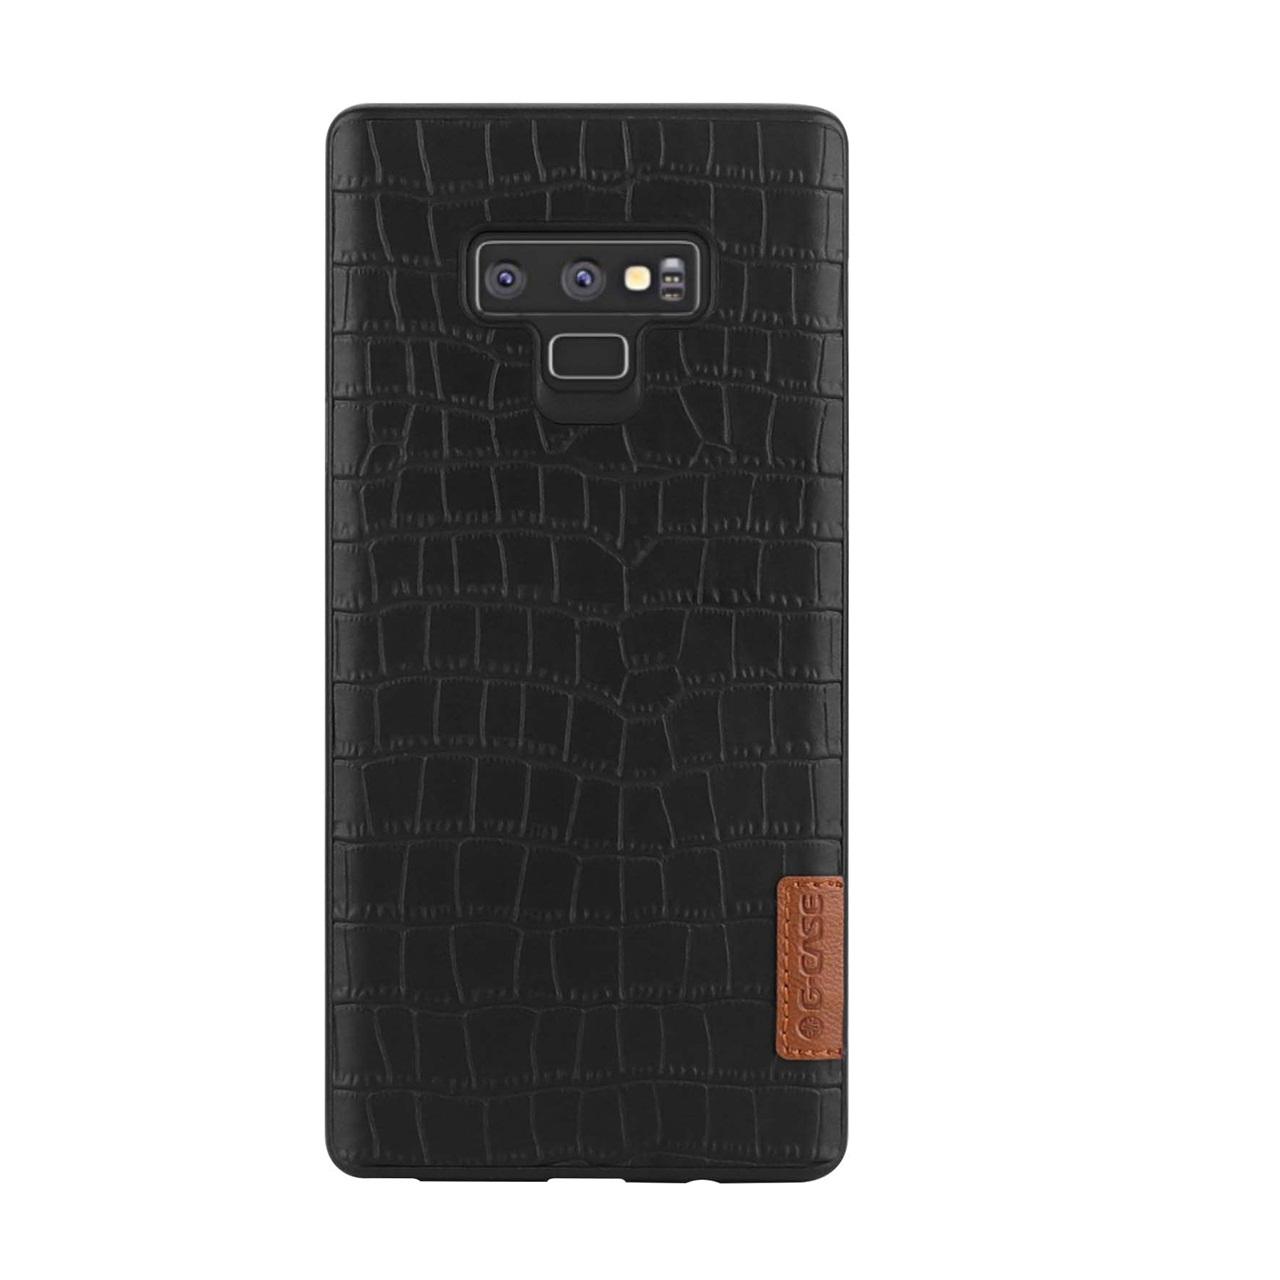 کاور جی-کیس مدل BLKCRO مناسب برای گوشی موبایل سامسونگ Galaxy Note 9